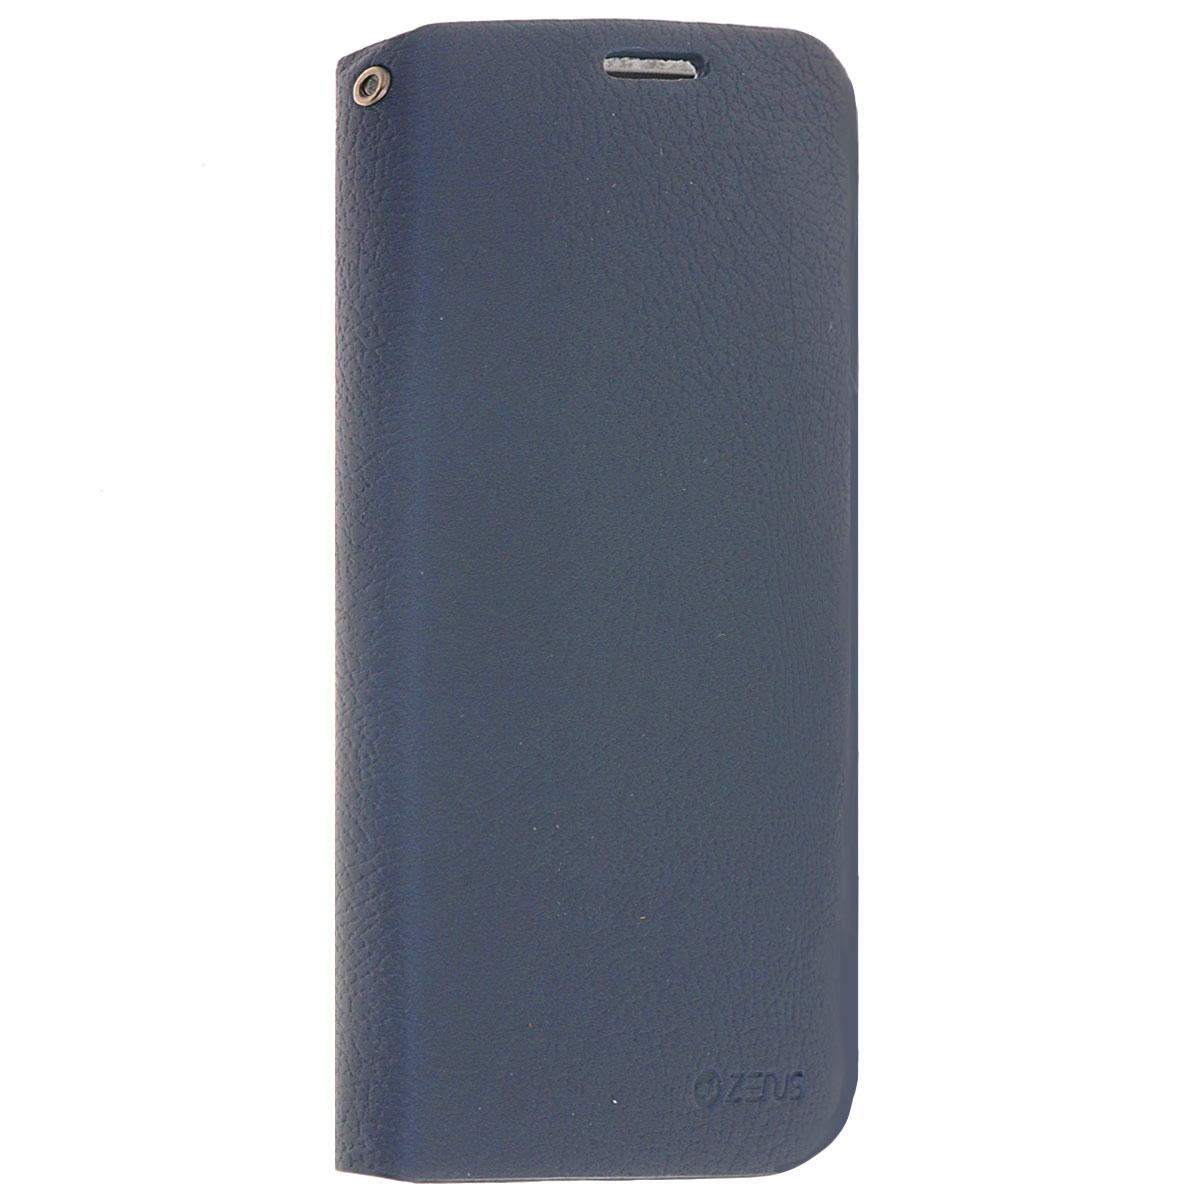 Zenus E-Stand чехол для Samsung Galaxy S4, Blue761793Zenus E-Stand для Samsung Galaxy S4 - стильный аксессуар, который защитит ваше мобильное устройство от внешних воздействий, грязи, пыли, брызг. Чехол также поможет при ударах и падениях, смягчая удары, не позволяя образовываться на корпусе царапинам и потертостям. Обеспечивает свободный доступ ко всем разъемам и клавишам устройства.